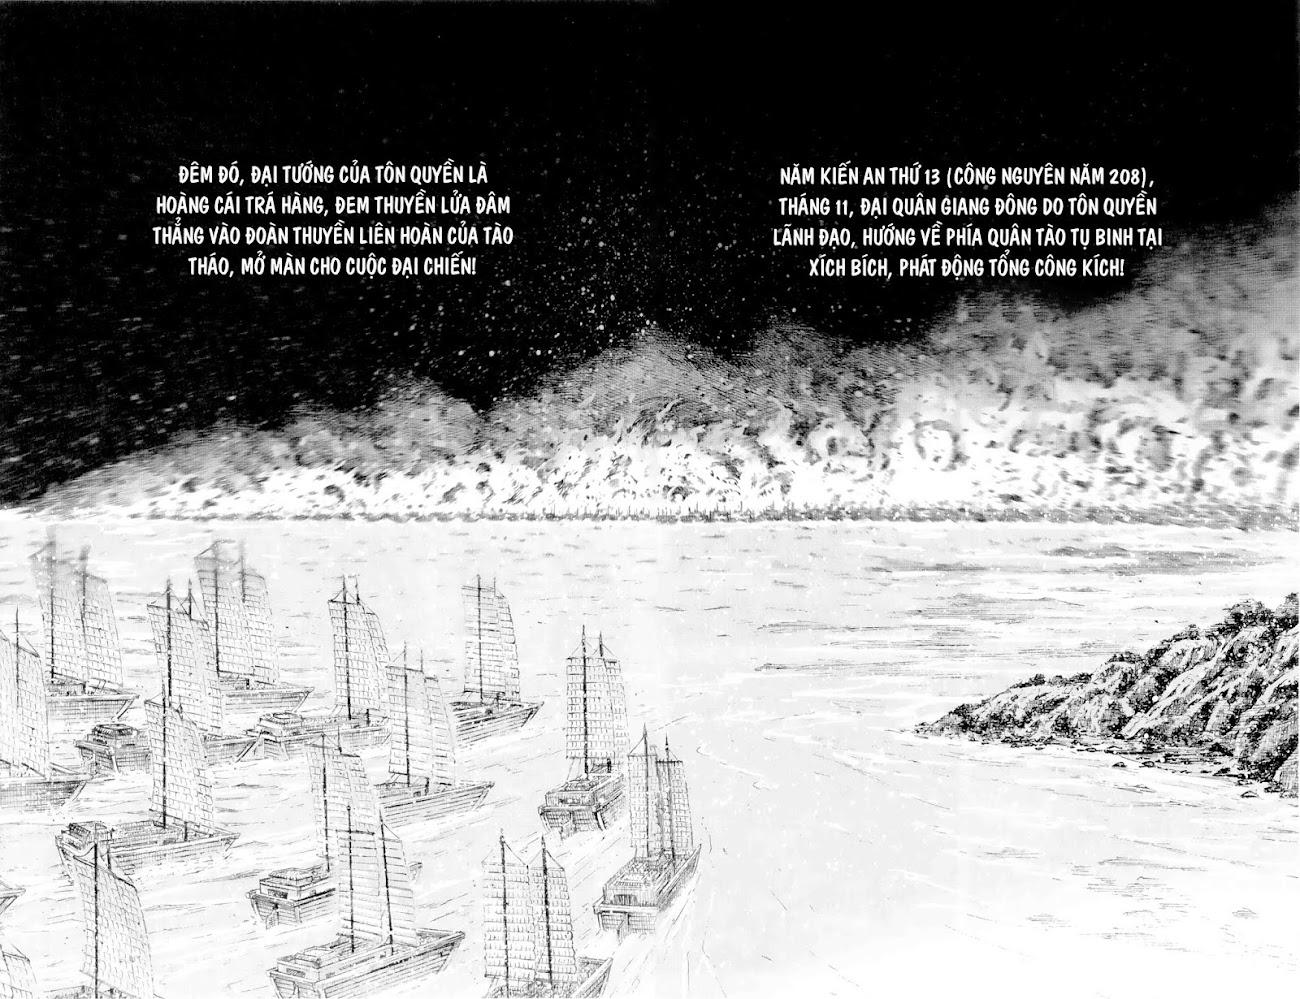 Hỏa phụng liêu nguyên Chương 414: Phong hỏa Xích Bích [Remake] trang 6